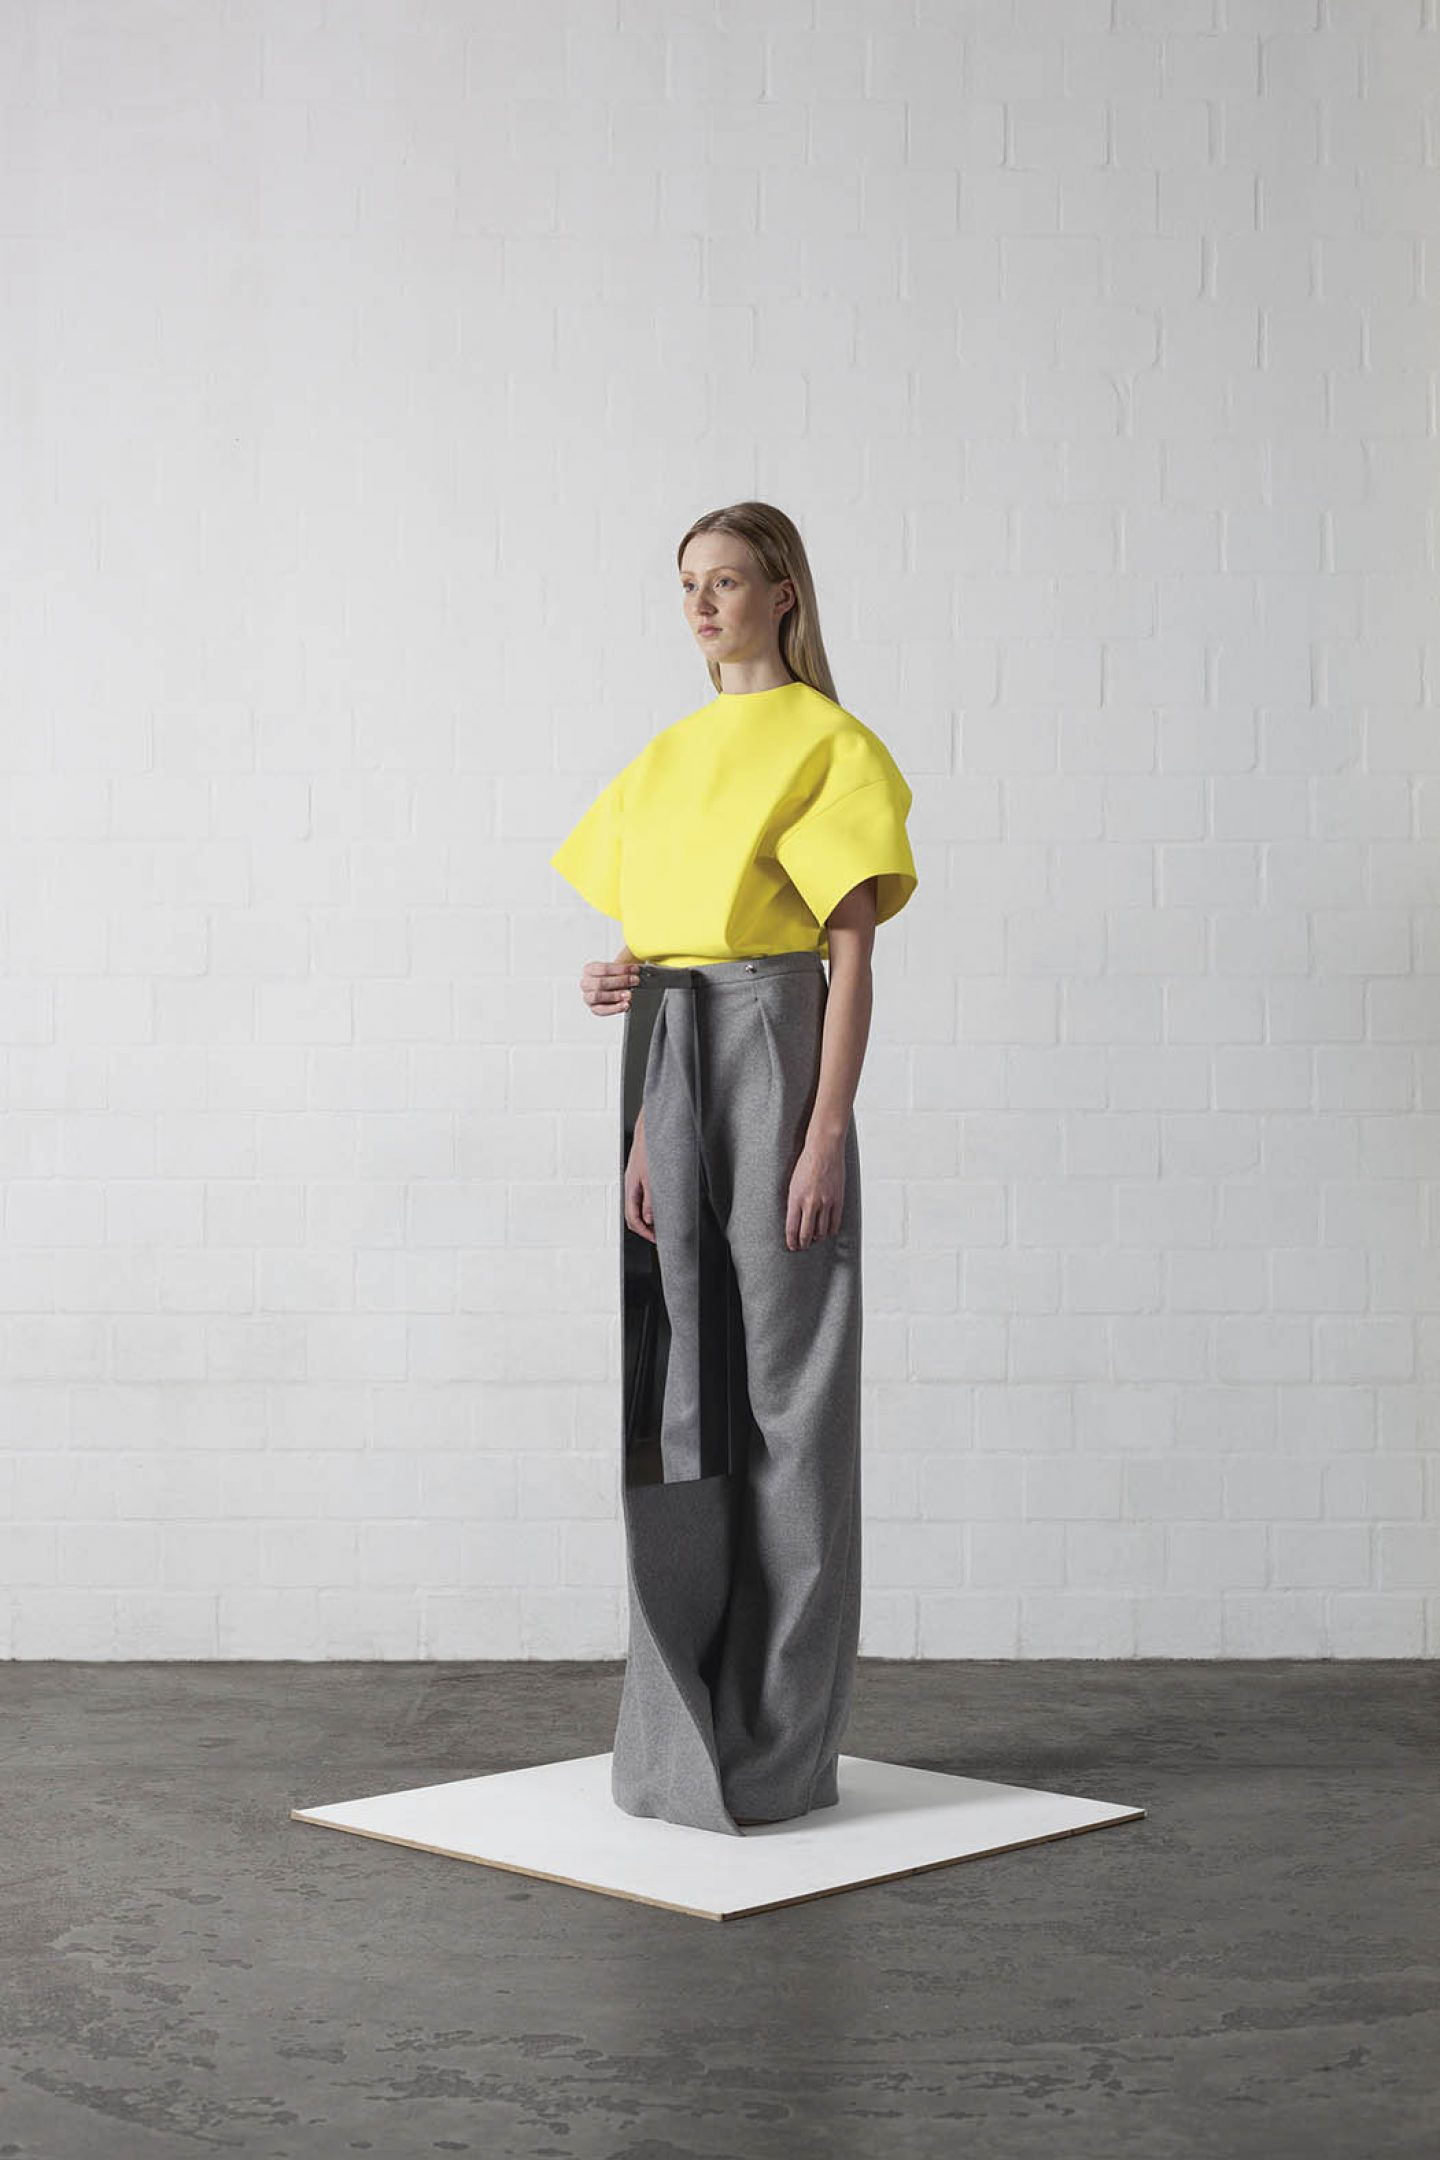 iGNANT_Fashion_Leonie_Barth_Ich_Ist_Ein_Anderer_24